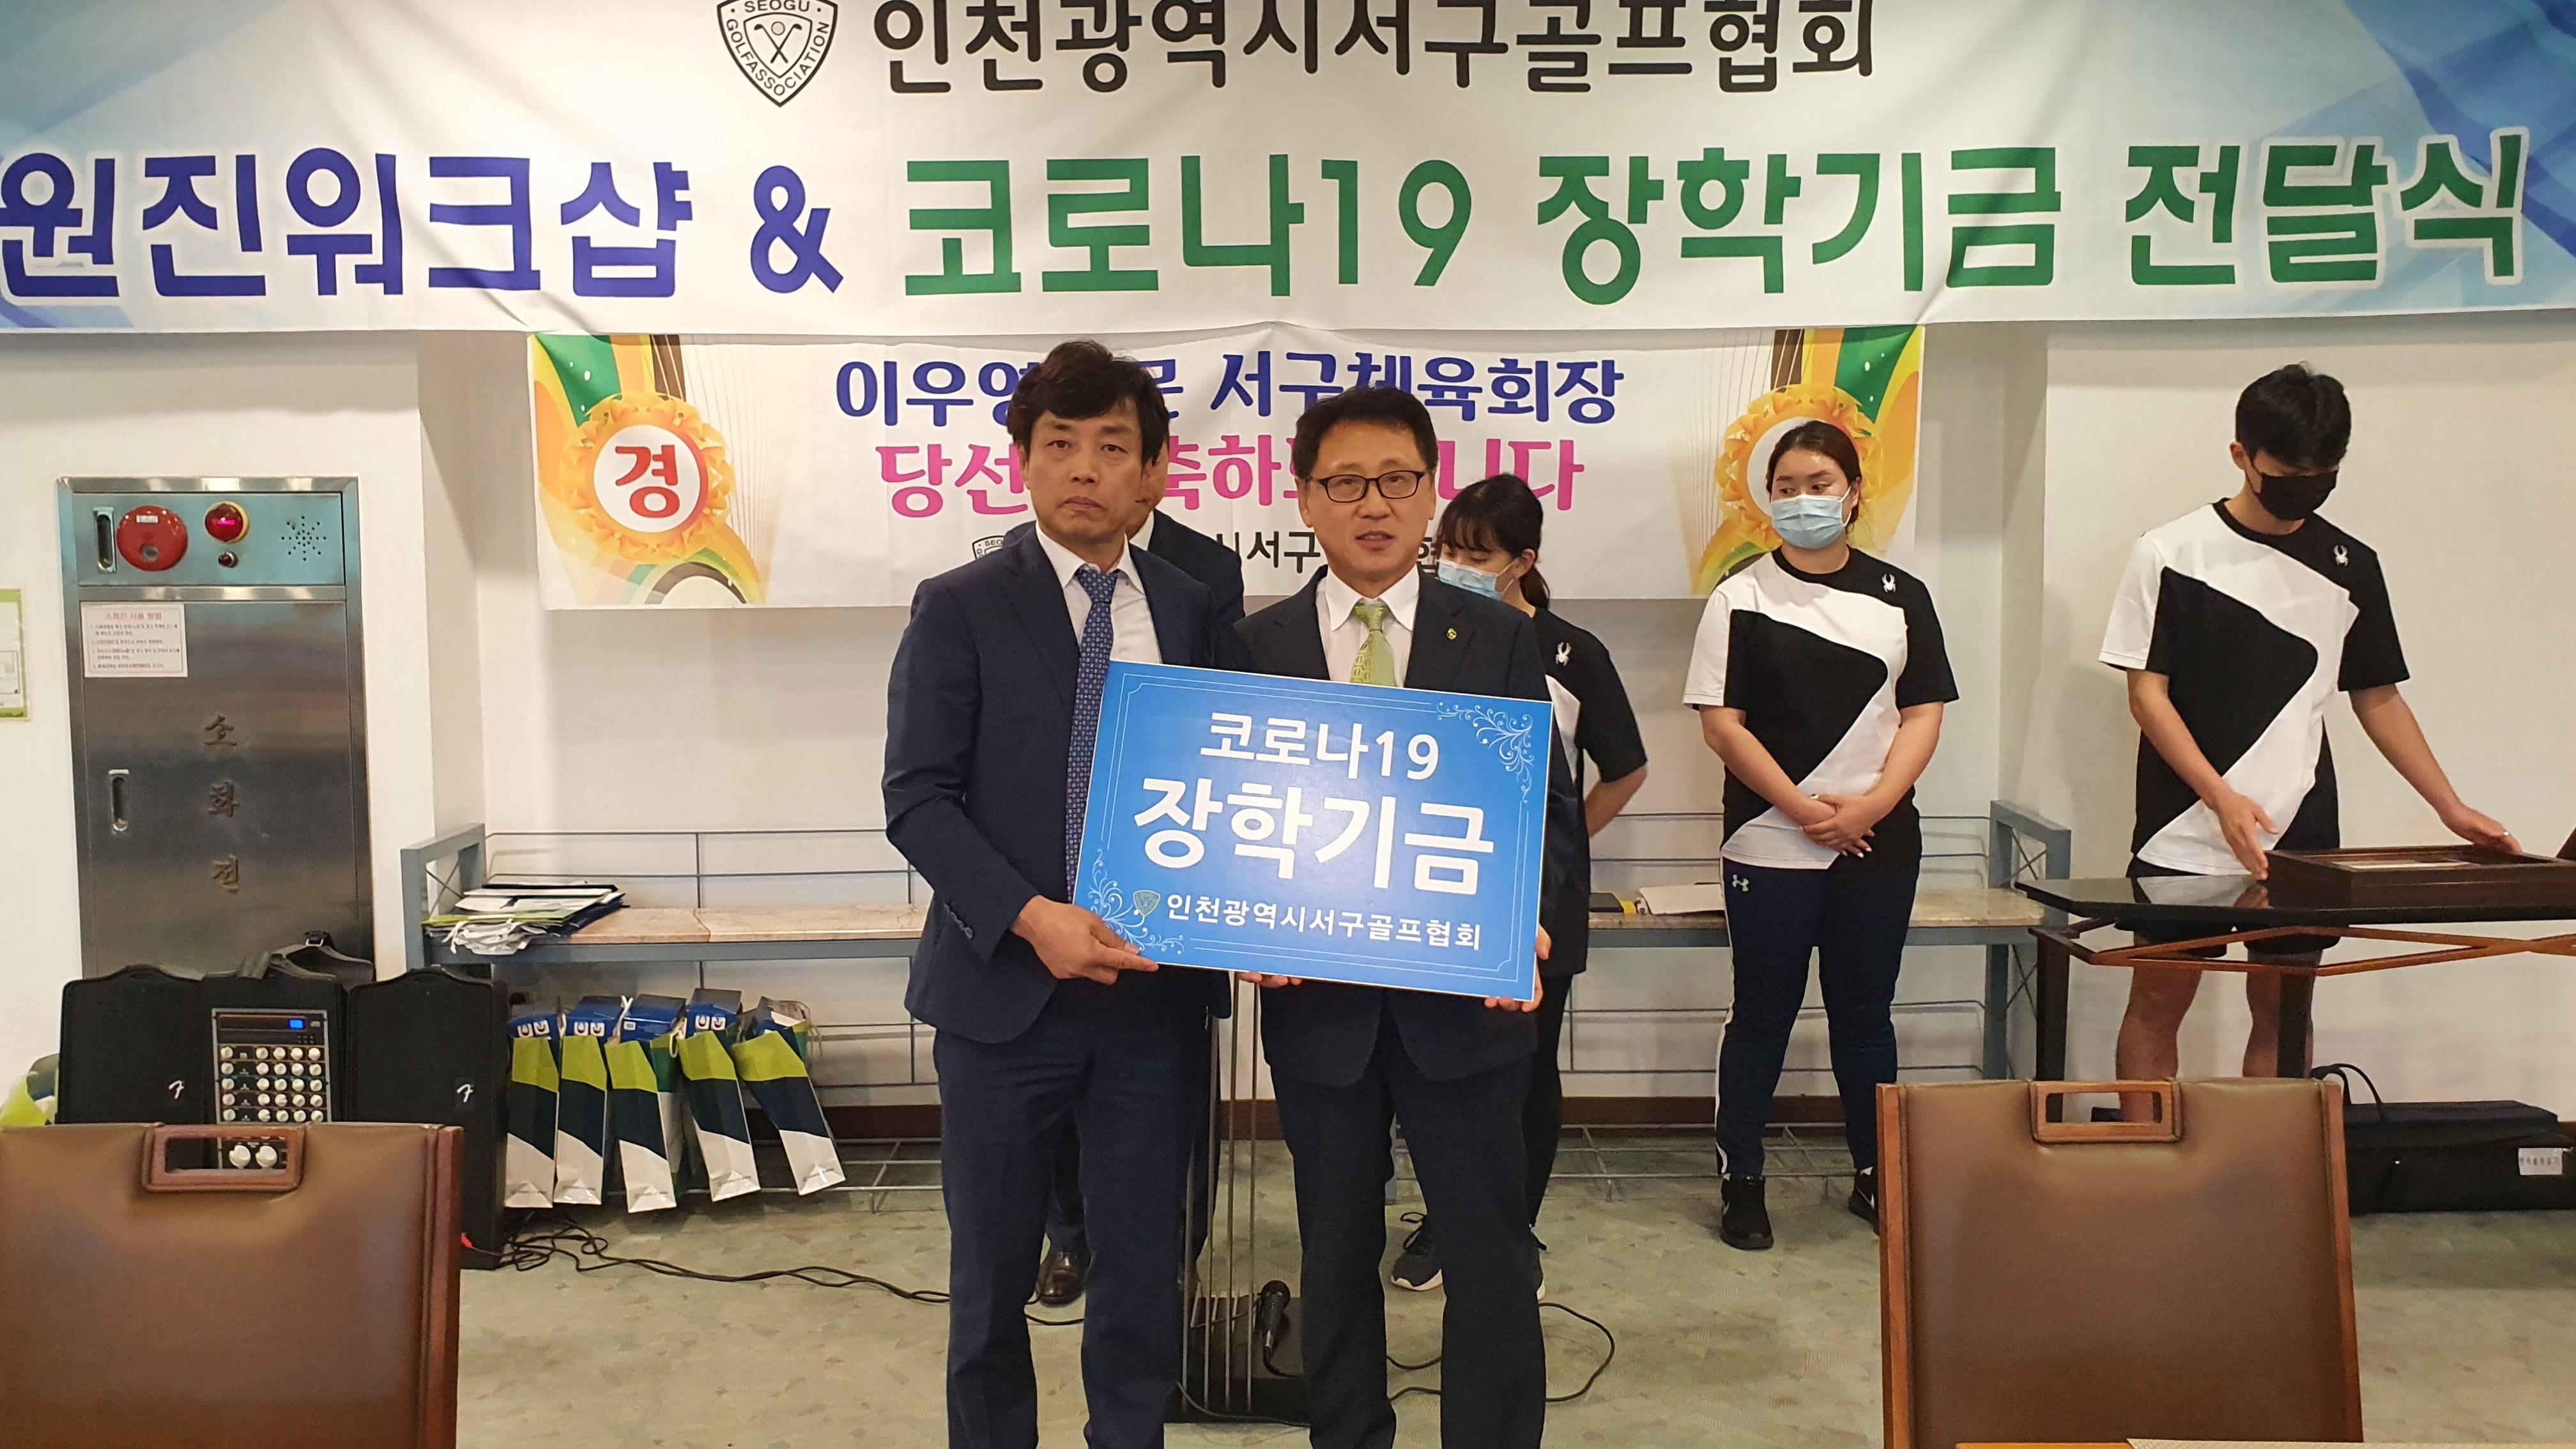 인천서구골프협회